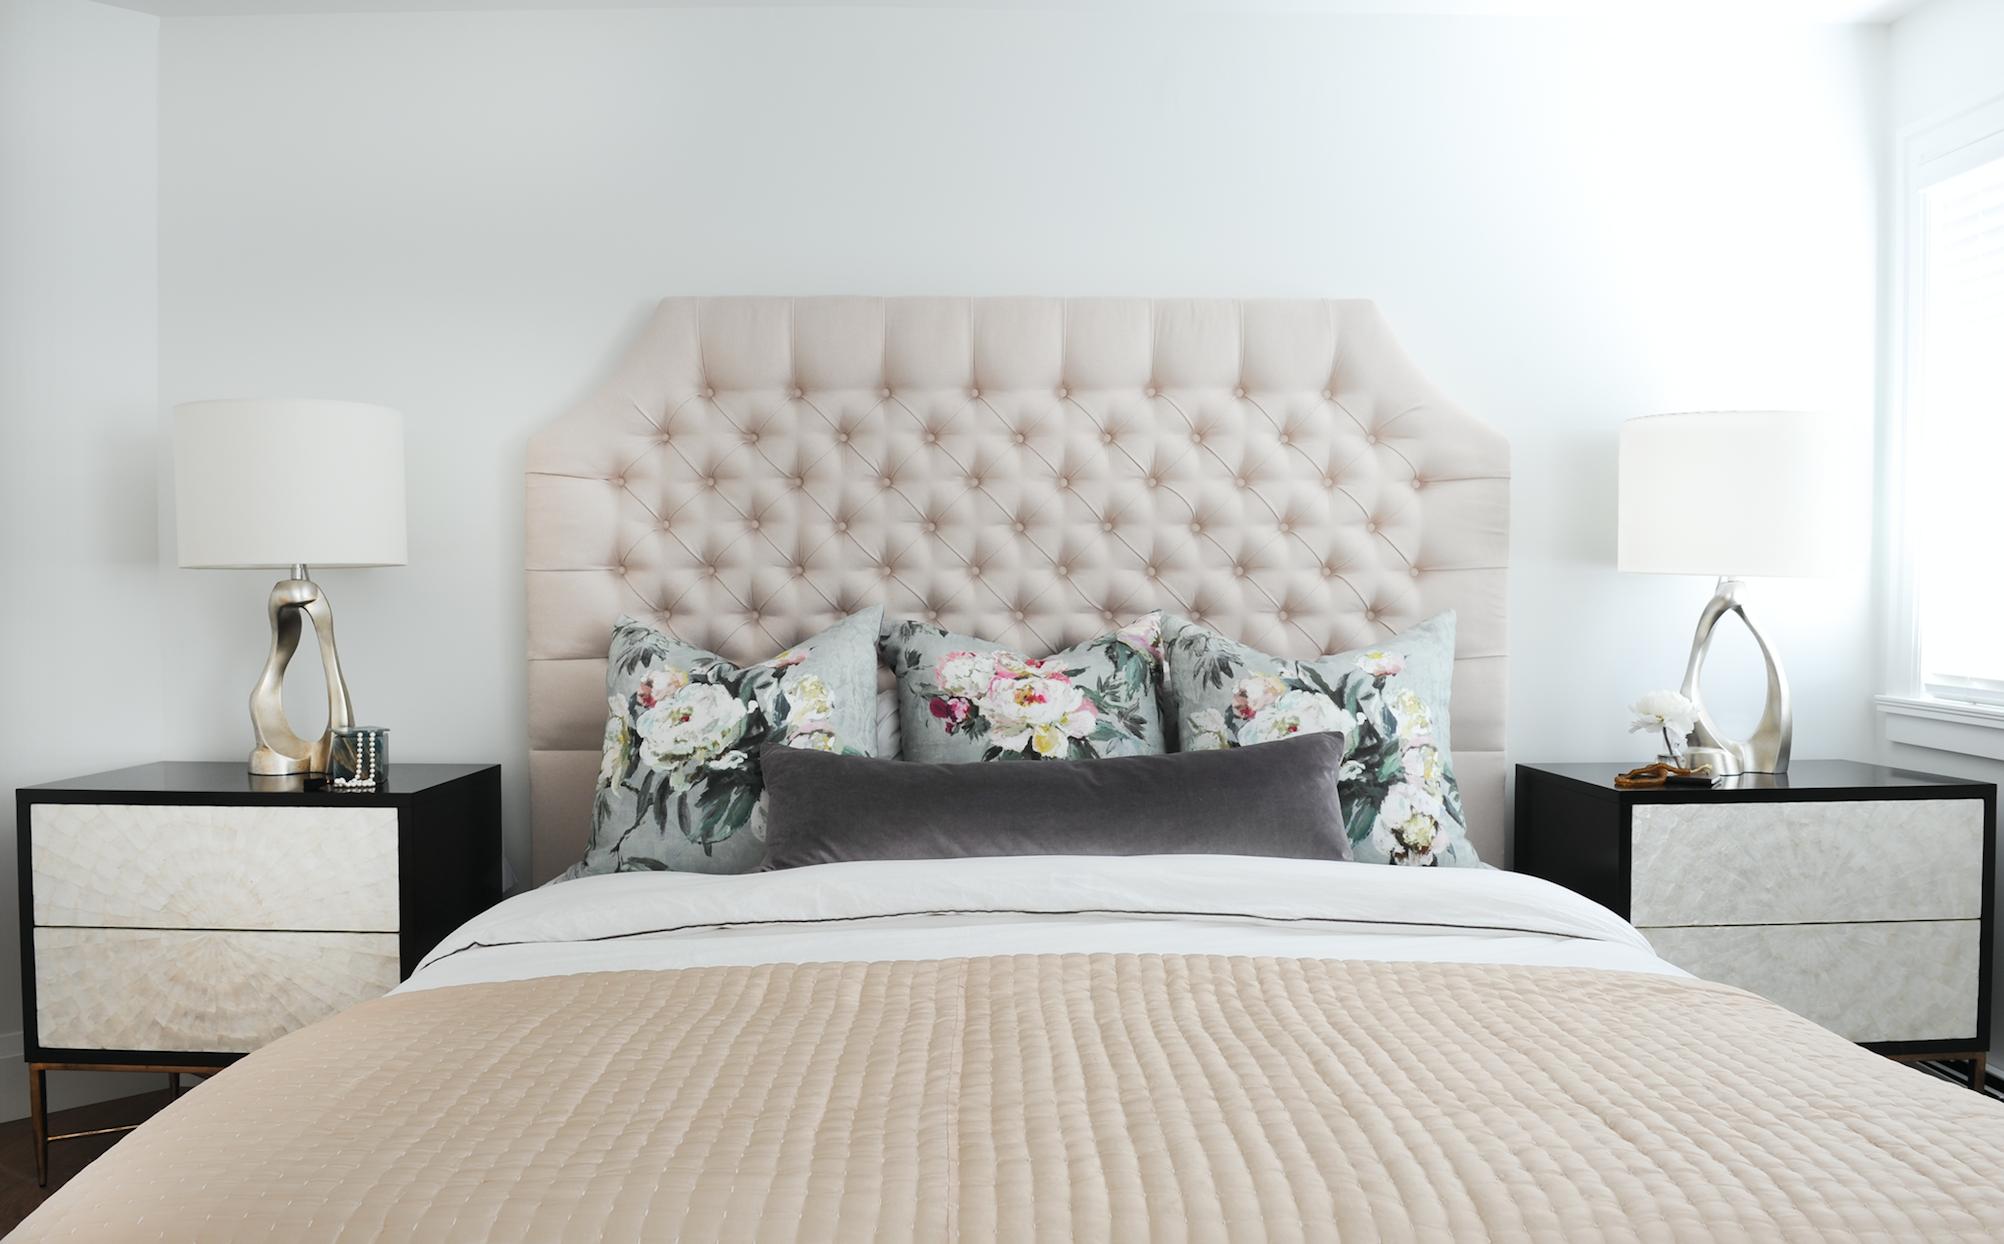 luxury furniture interior design.png